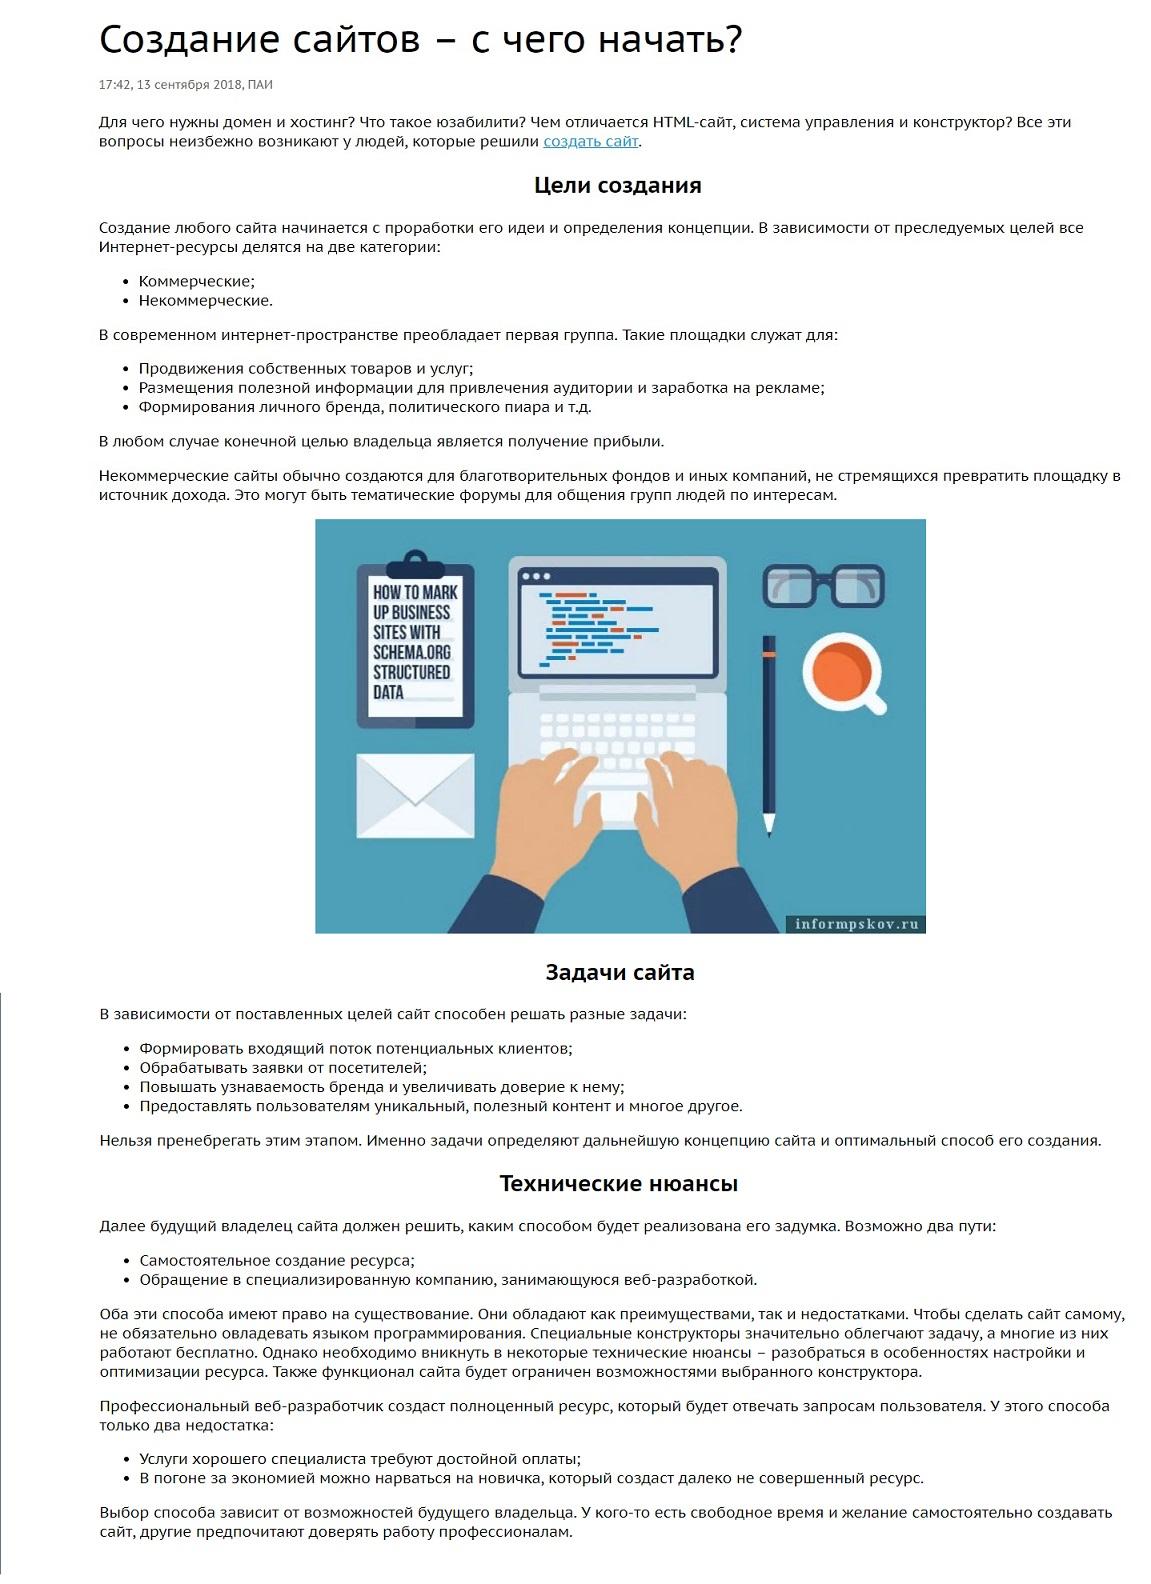 С чего начинается создание сайтов ооо ставропольская медицинская компания сайт